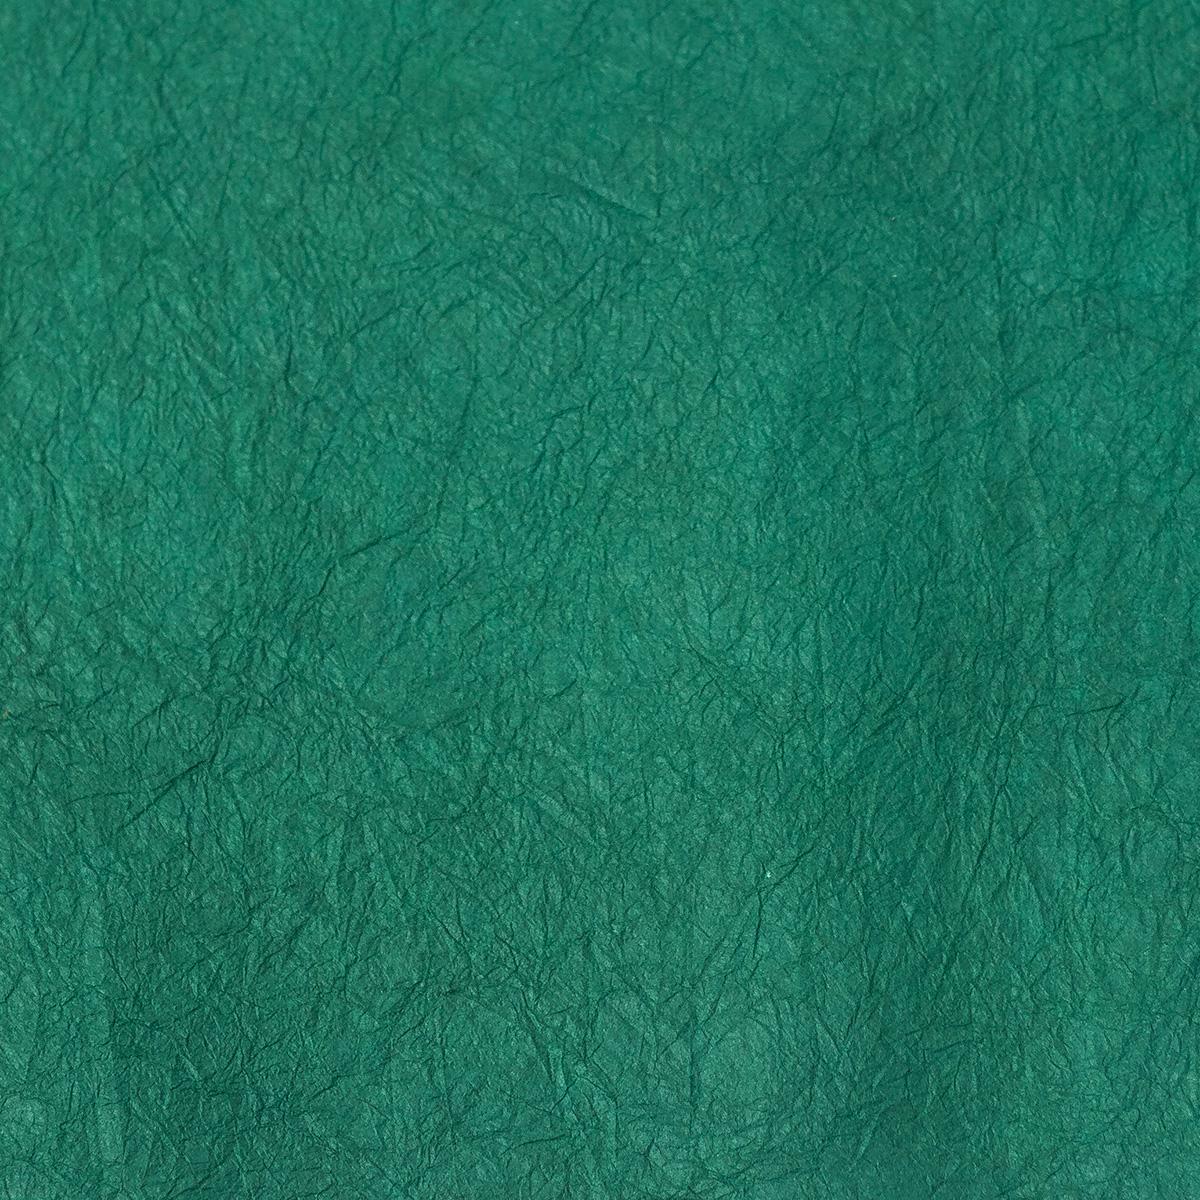 王朝のそめいろ 薄口 28番 中緑